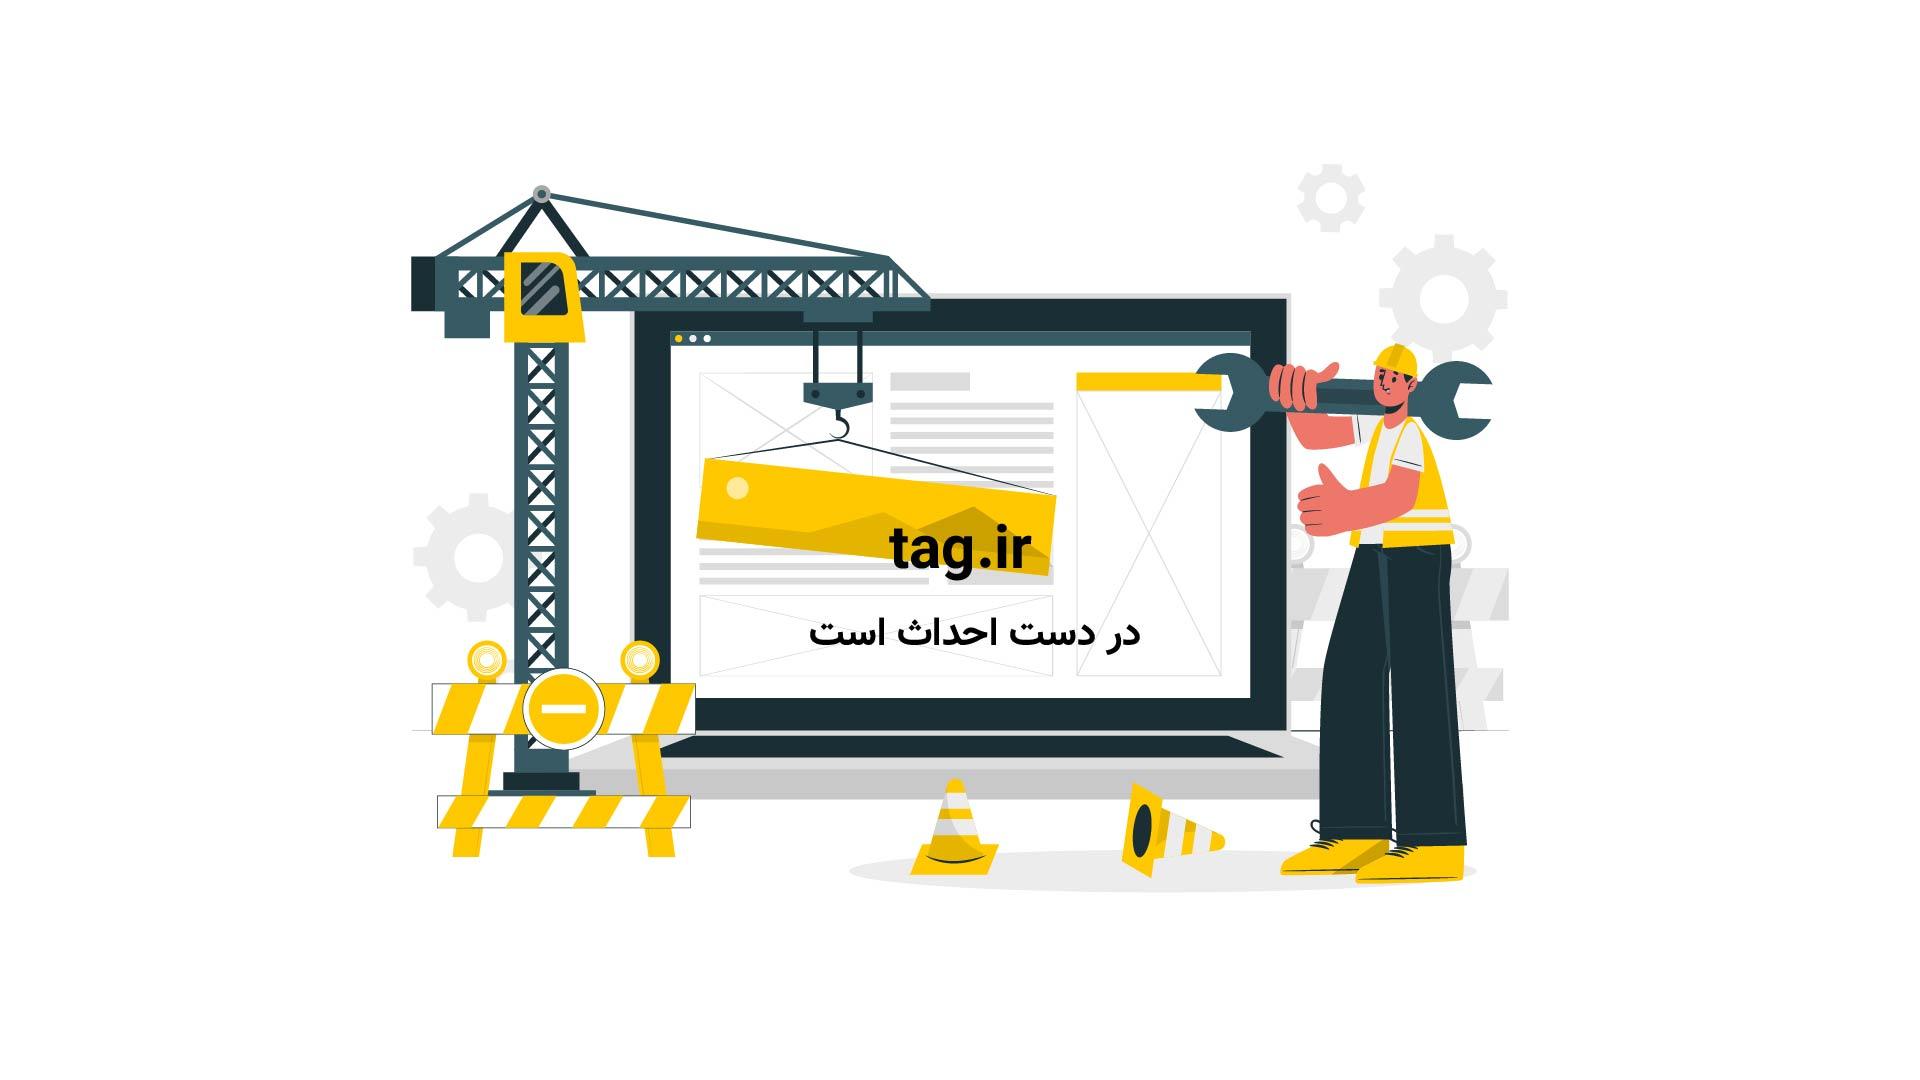 برندگان نوبل شیمی سال ۲۰۱۷ میلادی | فیلم